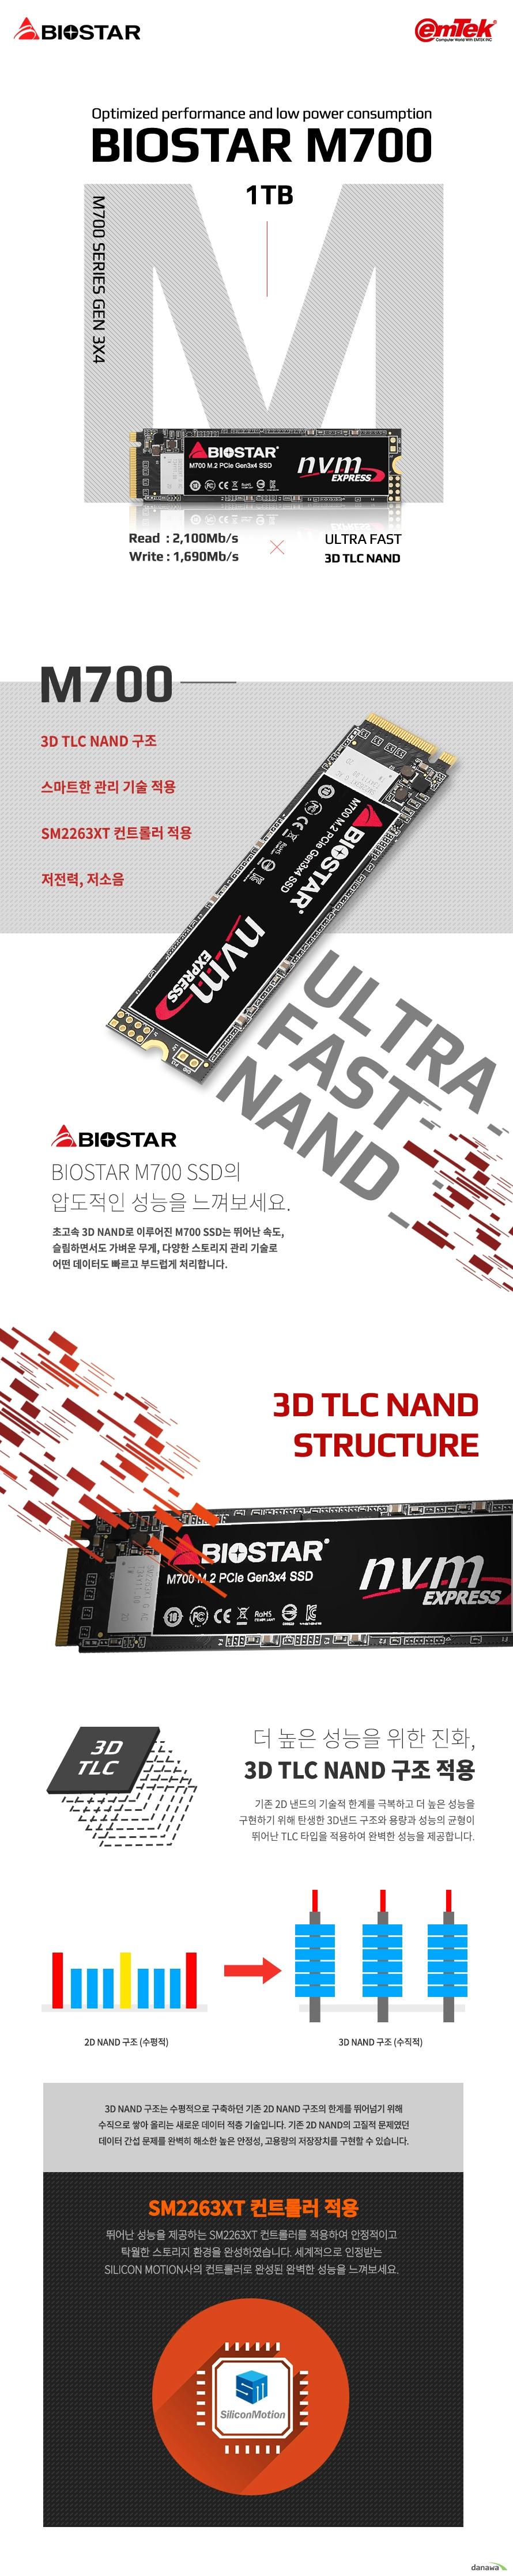 제품 상세 정보  용량 1TB 인터페이스 PCIE GEN3x4 낸드 종류 3D TLC 낸드 플래시 컨트롤러 SM2263XT  제품 성능 읽기 최대 2100MB/S 쓰기 최대 1690MB/S  작동 온도 0도에서 영상 70도까지  정격 전압 DC 3.3V  제품 특징 TRIM S.M.A.R.T WEAR LEVELING 기술 적용 제품 크기 길이 80 밀리미터 넓이 22 밀리미터 두께 3.5 밀리미터  충격 저항 1500G 진동 저항 7~800헤르츠  전력 소모   사용시 4와트 대기시 0.5와트  제품 무게 9그램 제품 보증 3년 무상보증 KC인증번호 R-R-EMT-BS-M700